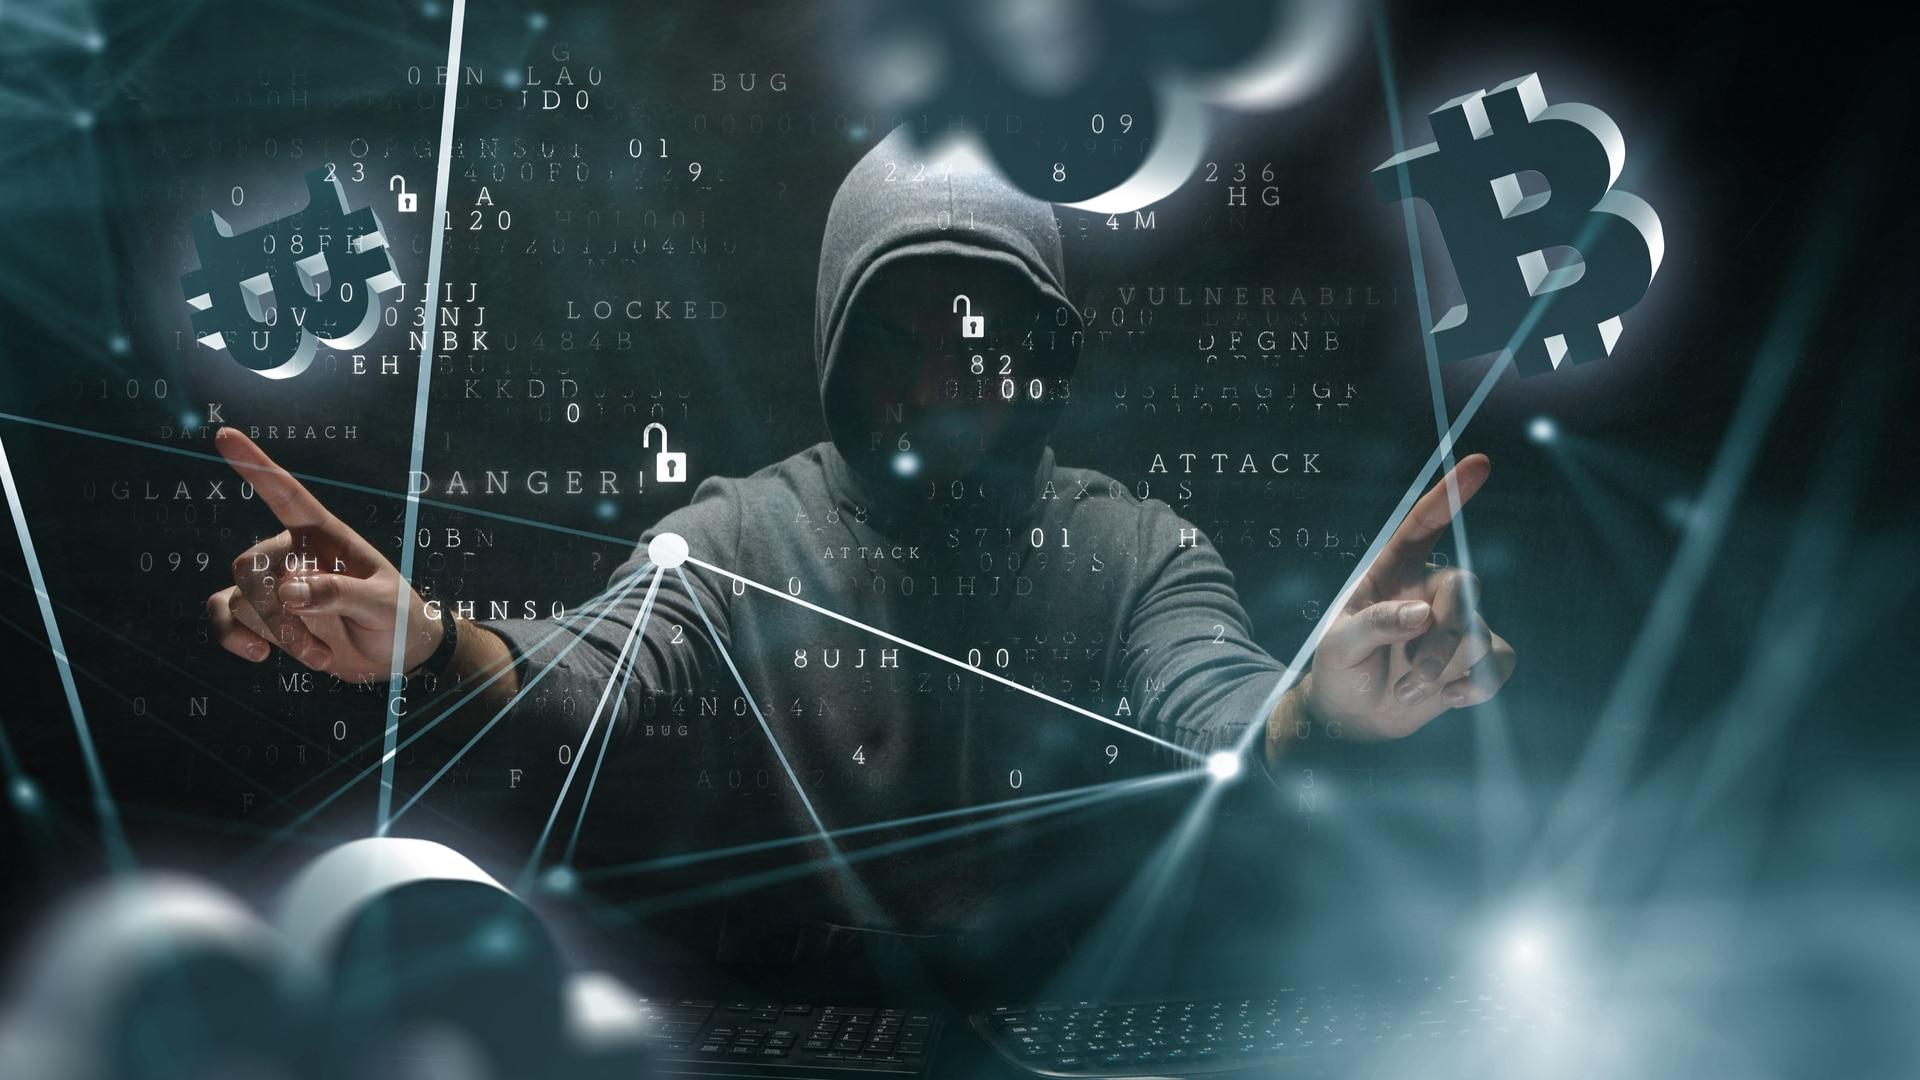 Protocolo DeFi sofre ataque hacker e perde R$720 milhões